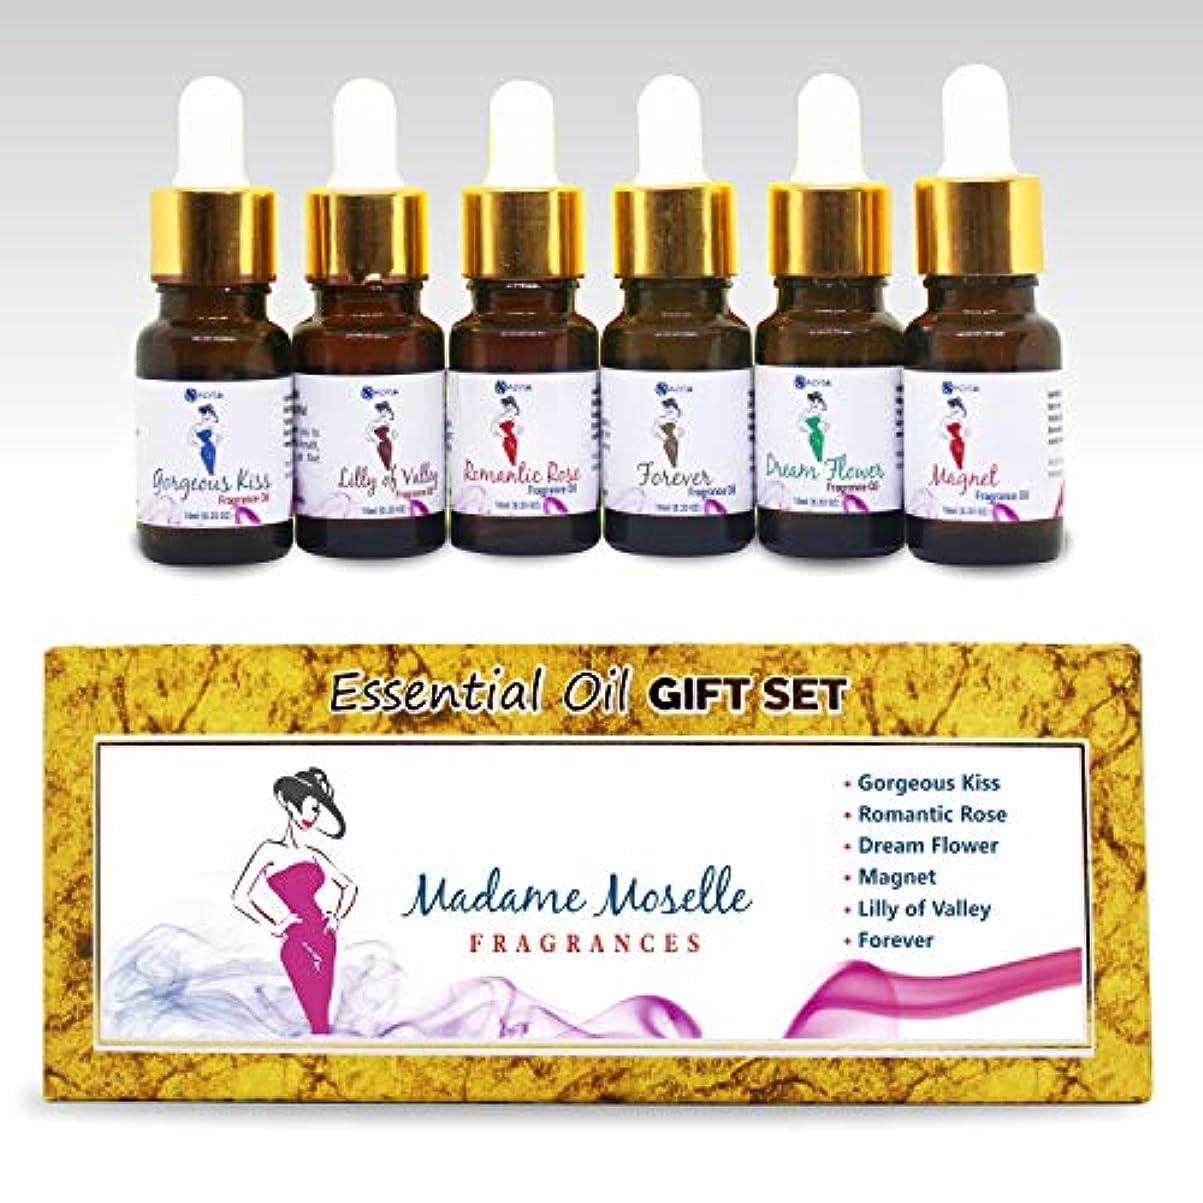 立法テセウスアサートAromatherapy Fragrance Oils - Pack of 6 Essential Oils Pure & Natural Therapeutic Oils - 10 ML Each (Gorgeous kiss, Romantic Rose, Dream Flower, Magnet, Lilly of Valley, Forever) Madame Moselle Set